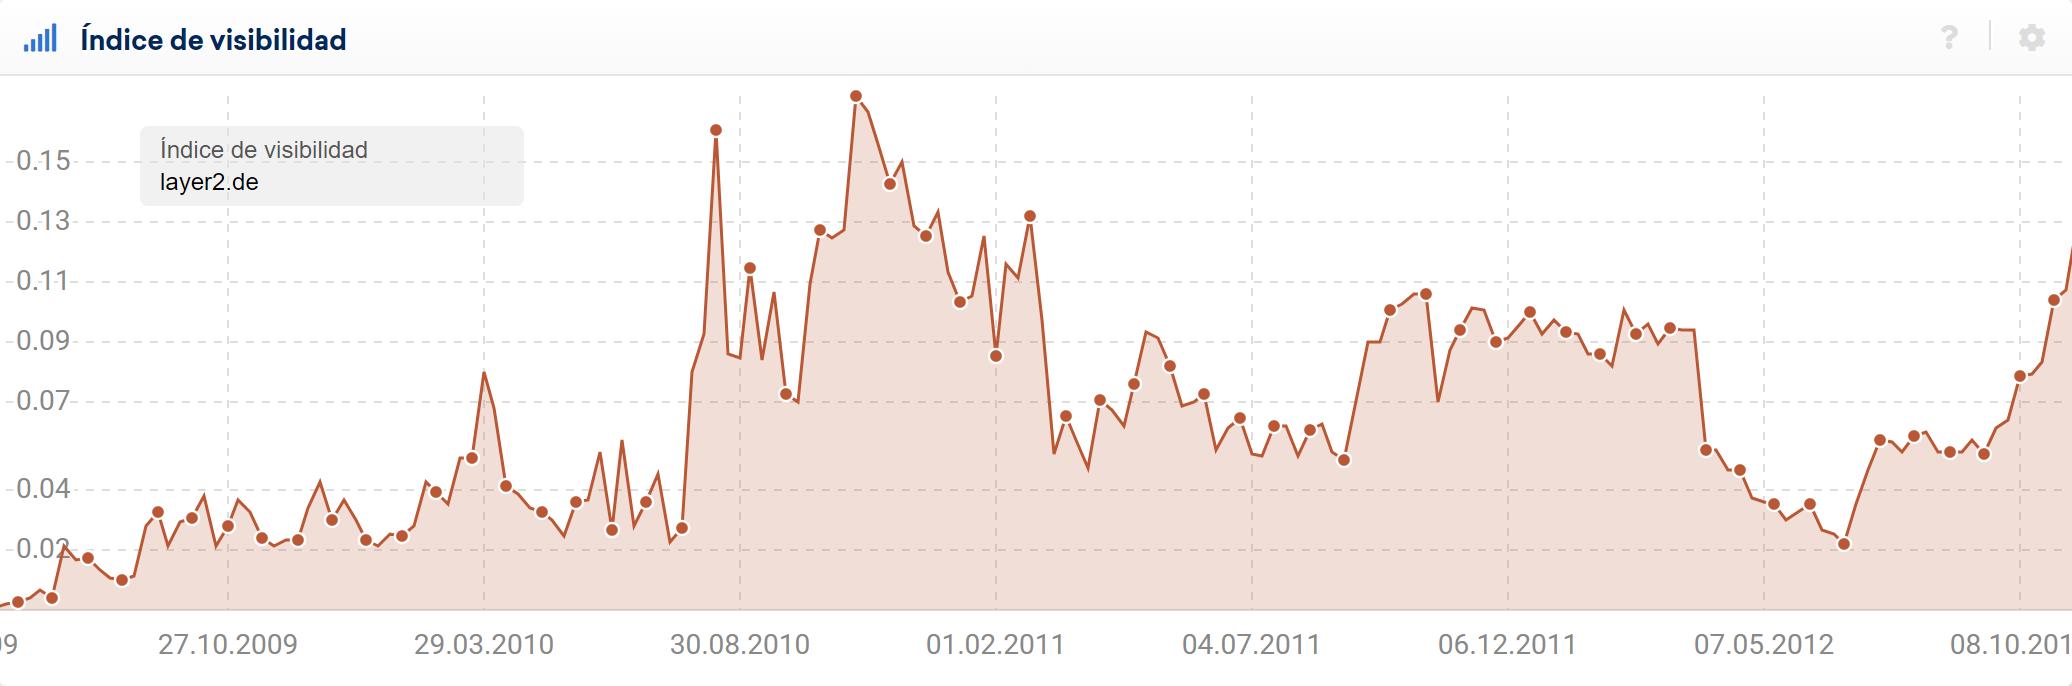 Gráfica del índice de visibilidad de layer2.de en google.de